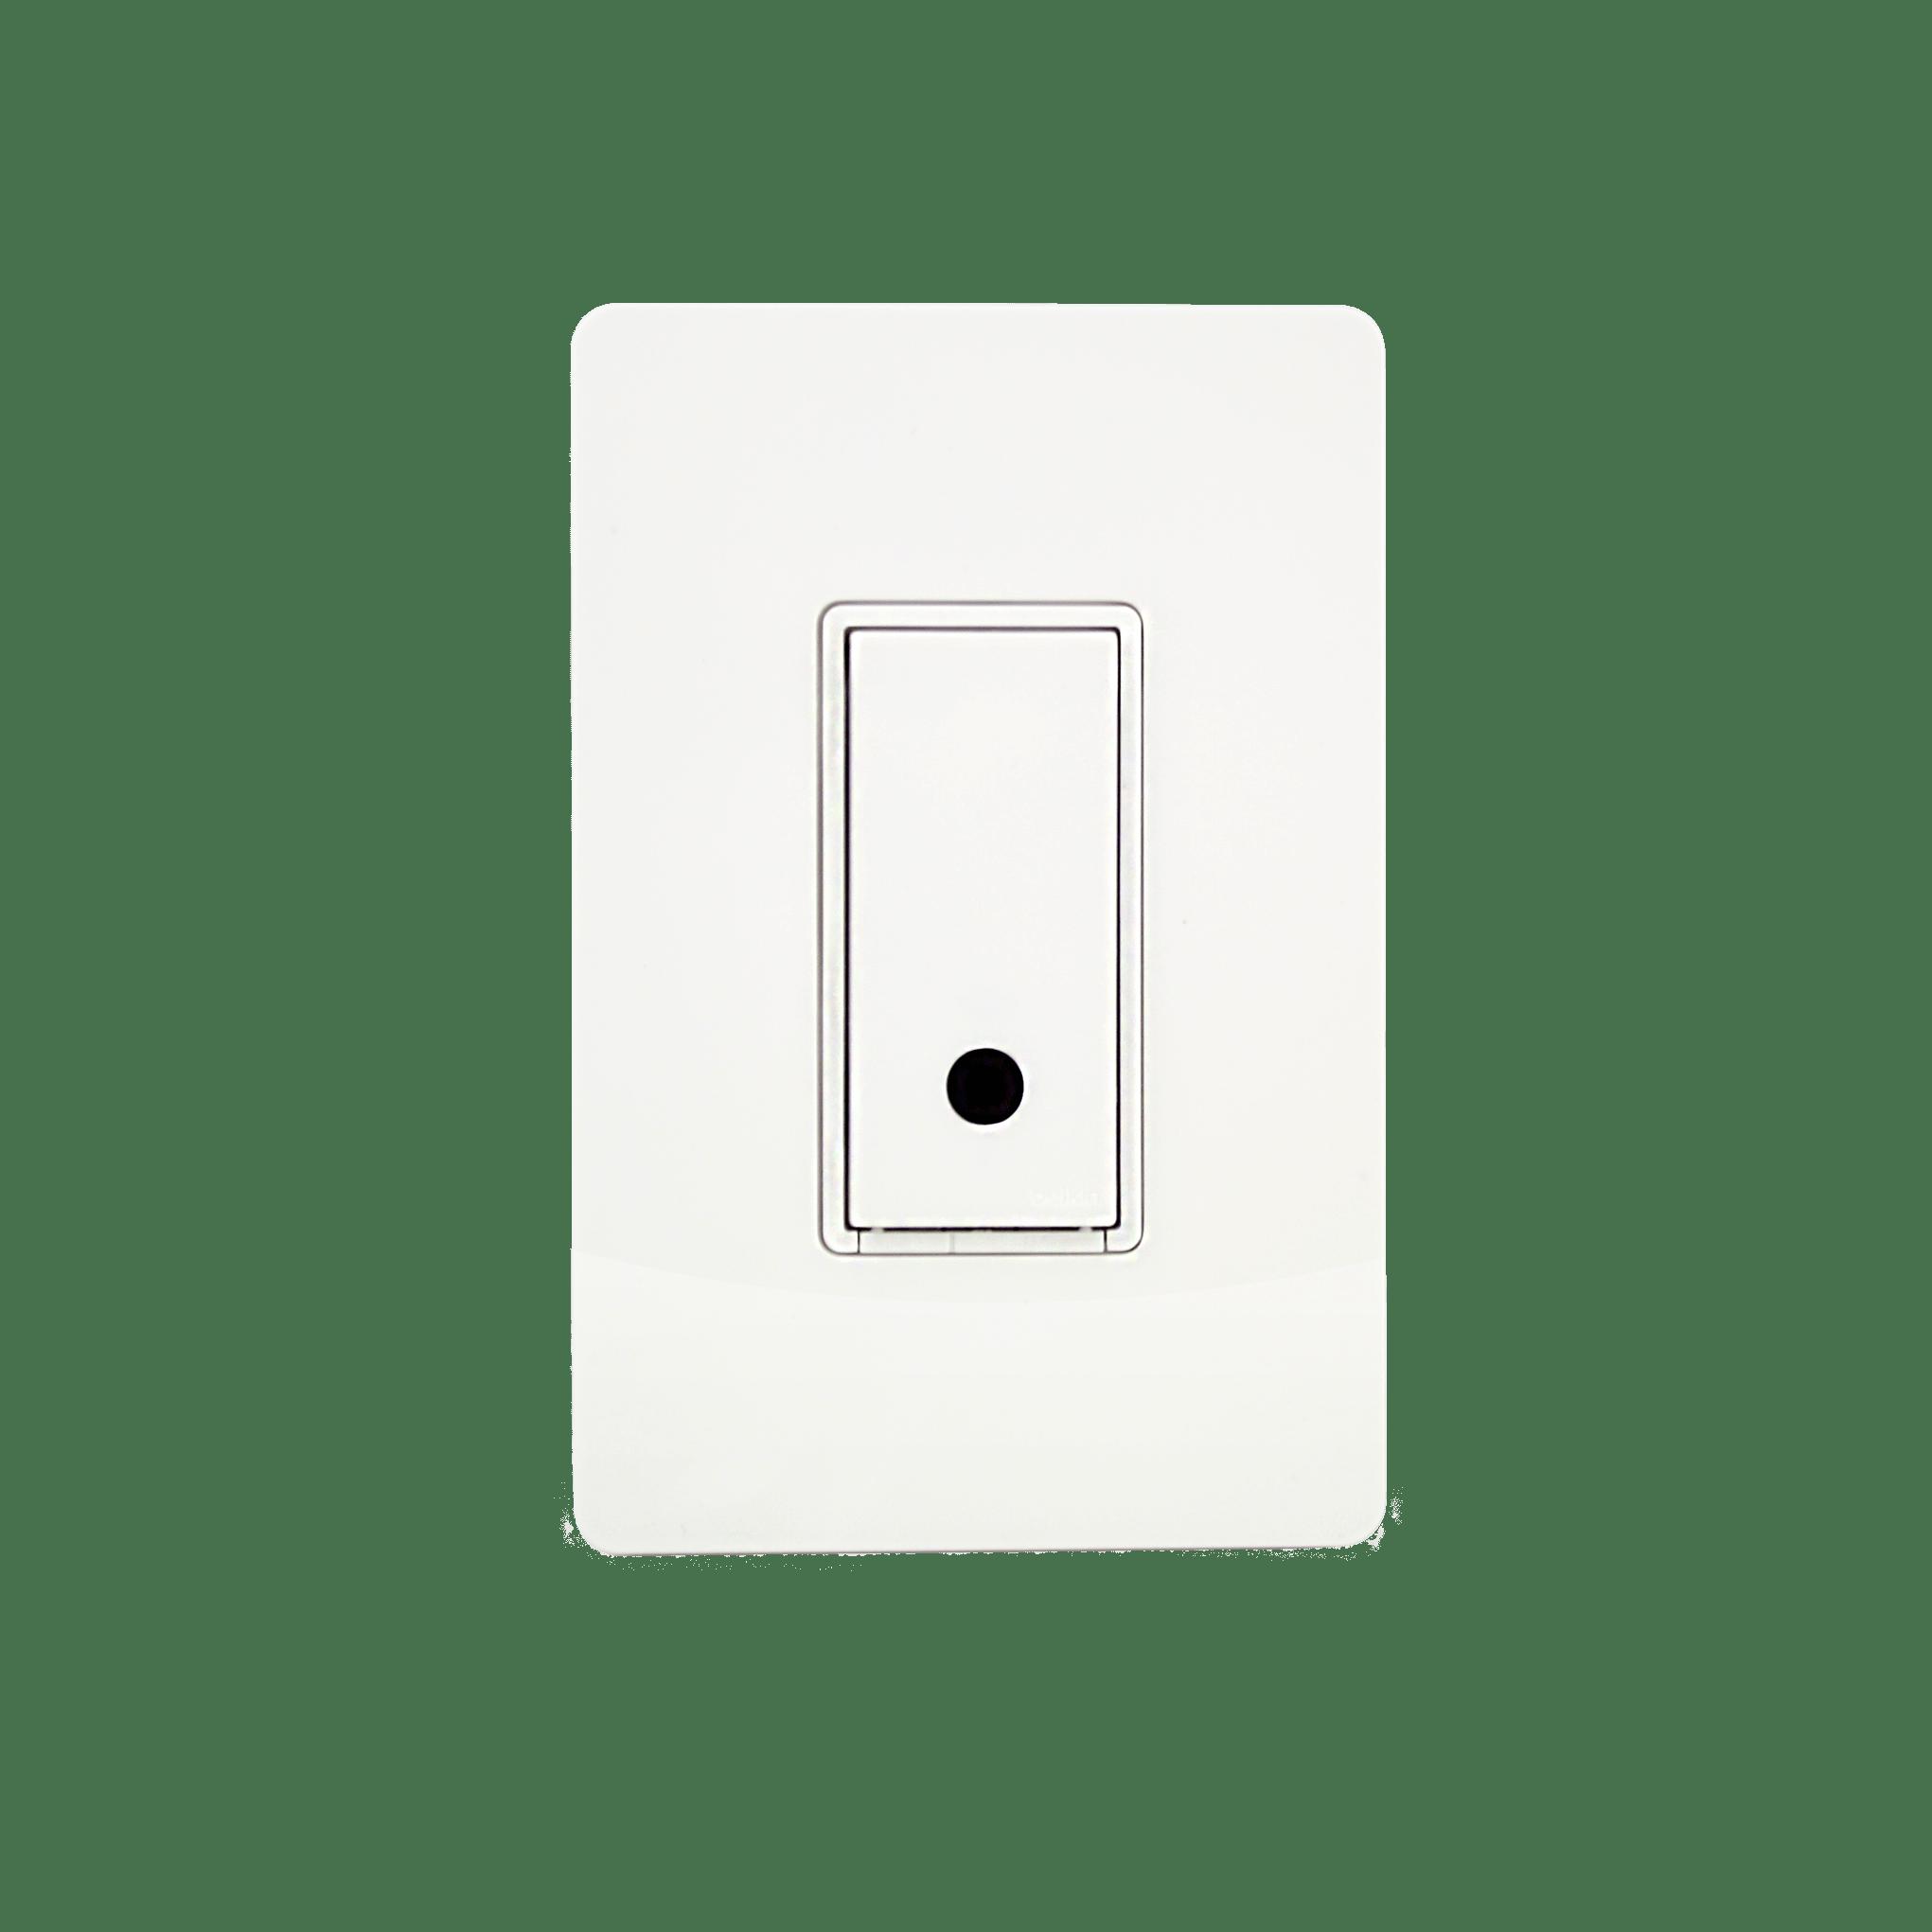 Towel Warmer | Wi-Fi WeMo Light Switch | CO-WM-SW-F7C030 | USA